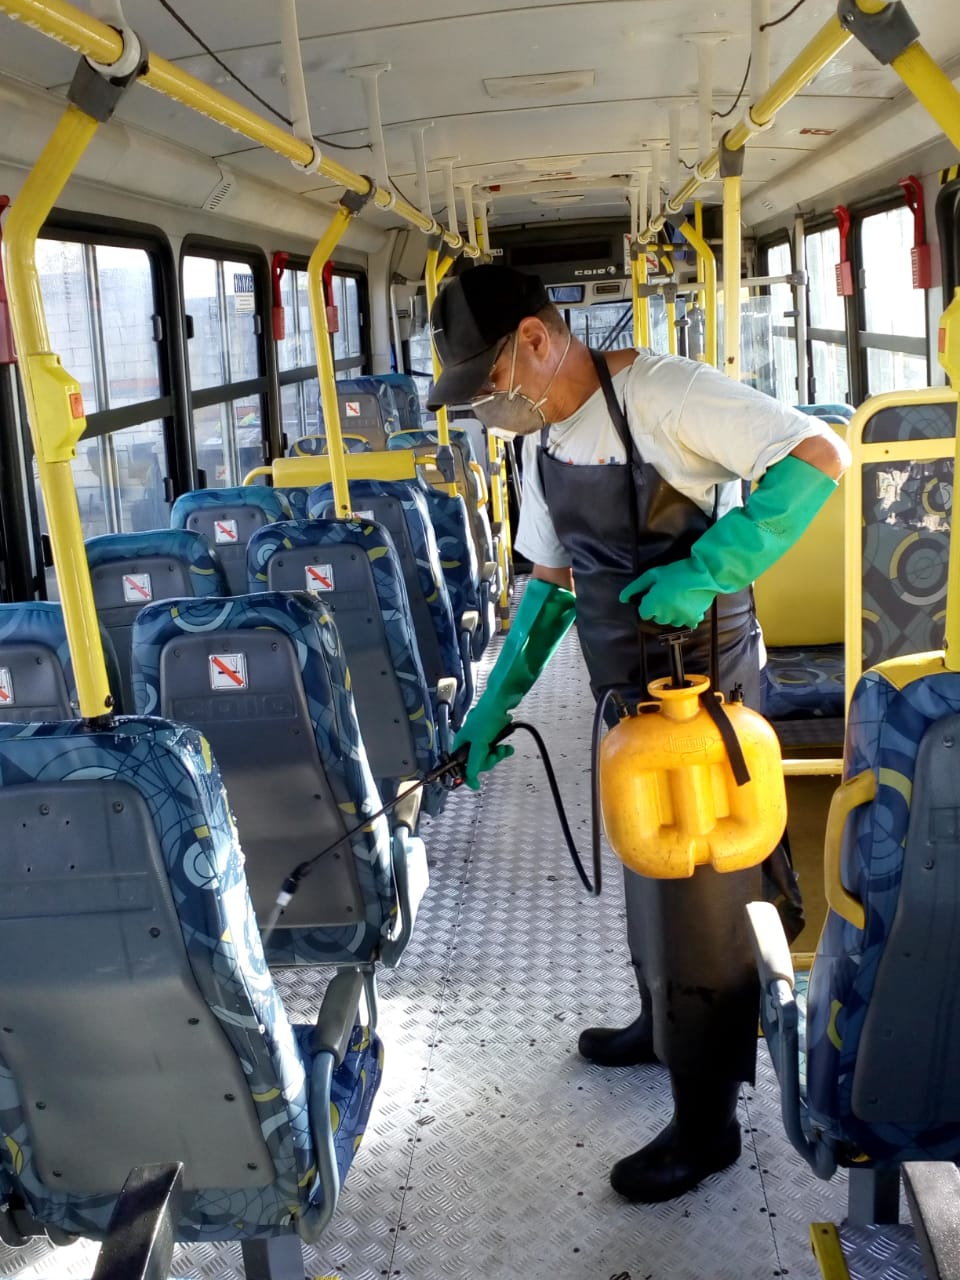 Funcionário, usando produtos de limpeza, realiza a higienização de ônibus de transporte coletivo